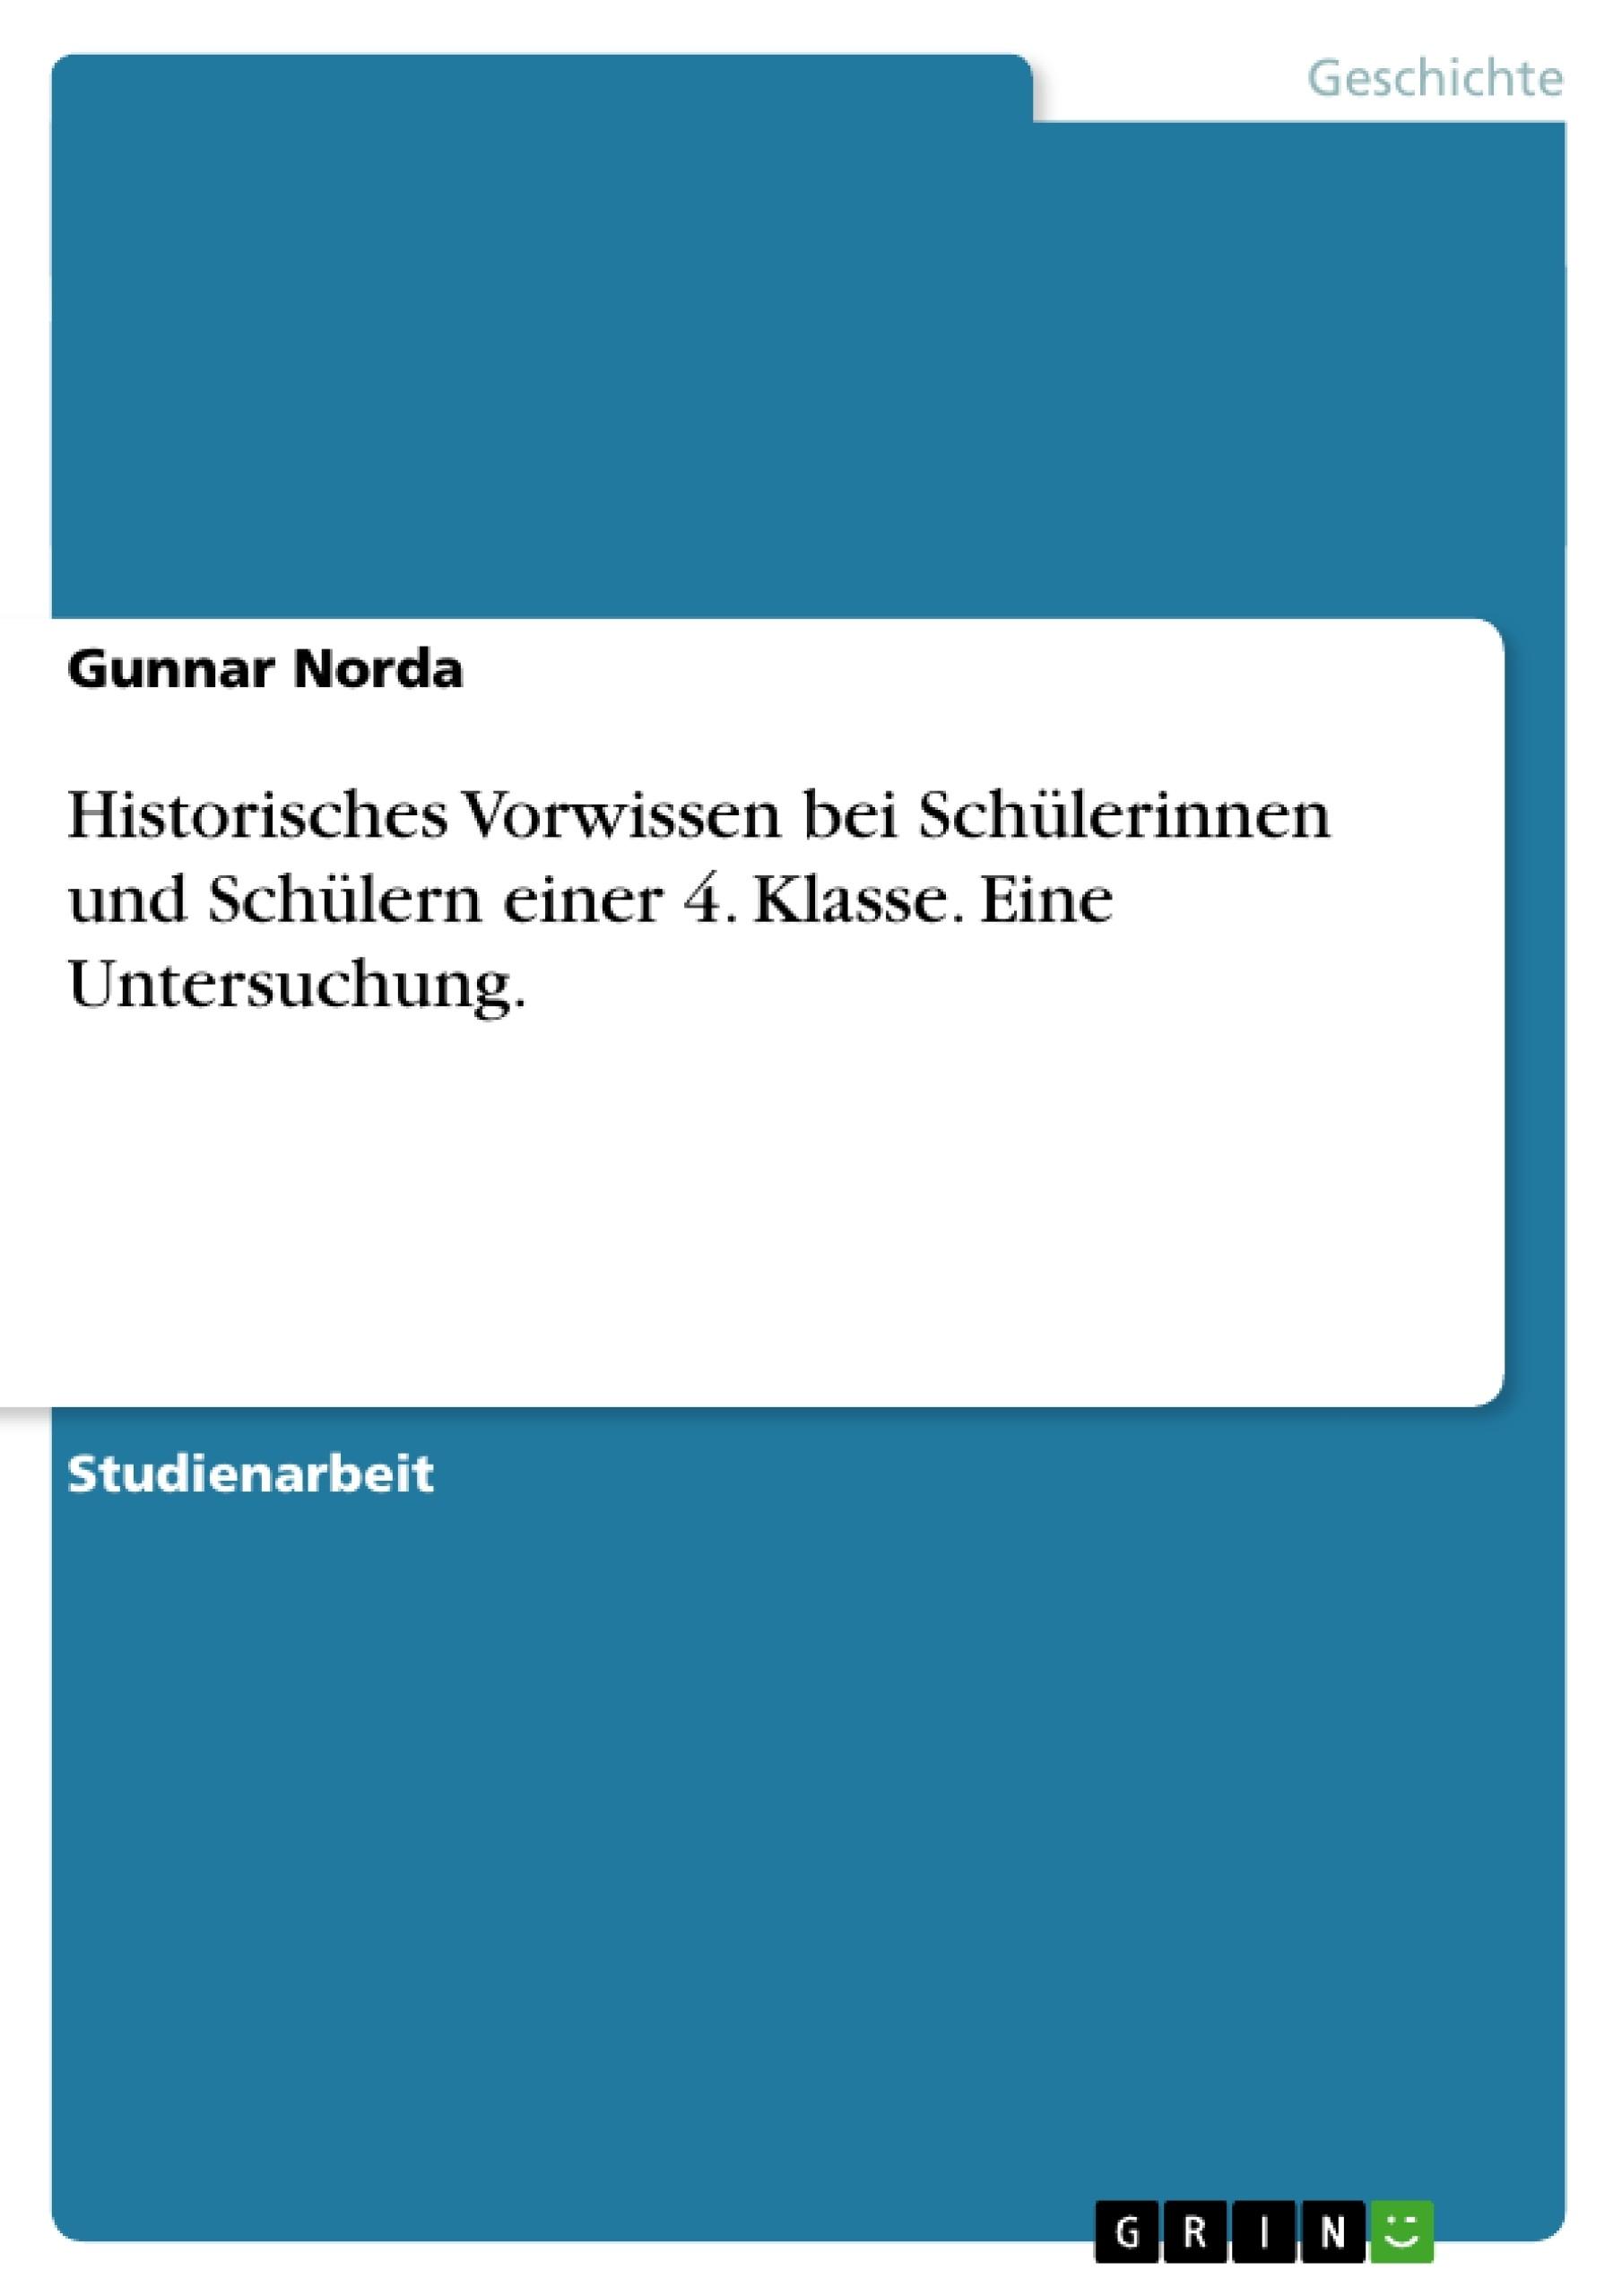 Titel: Historisches Vorwissen bei Schülerinnen und Schülern einer 4. Klasse. Eine Untersuchung.